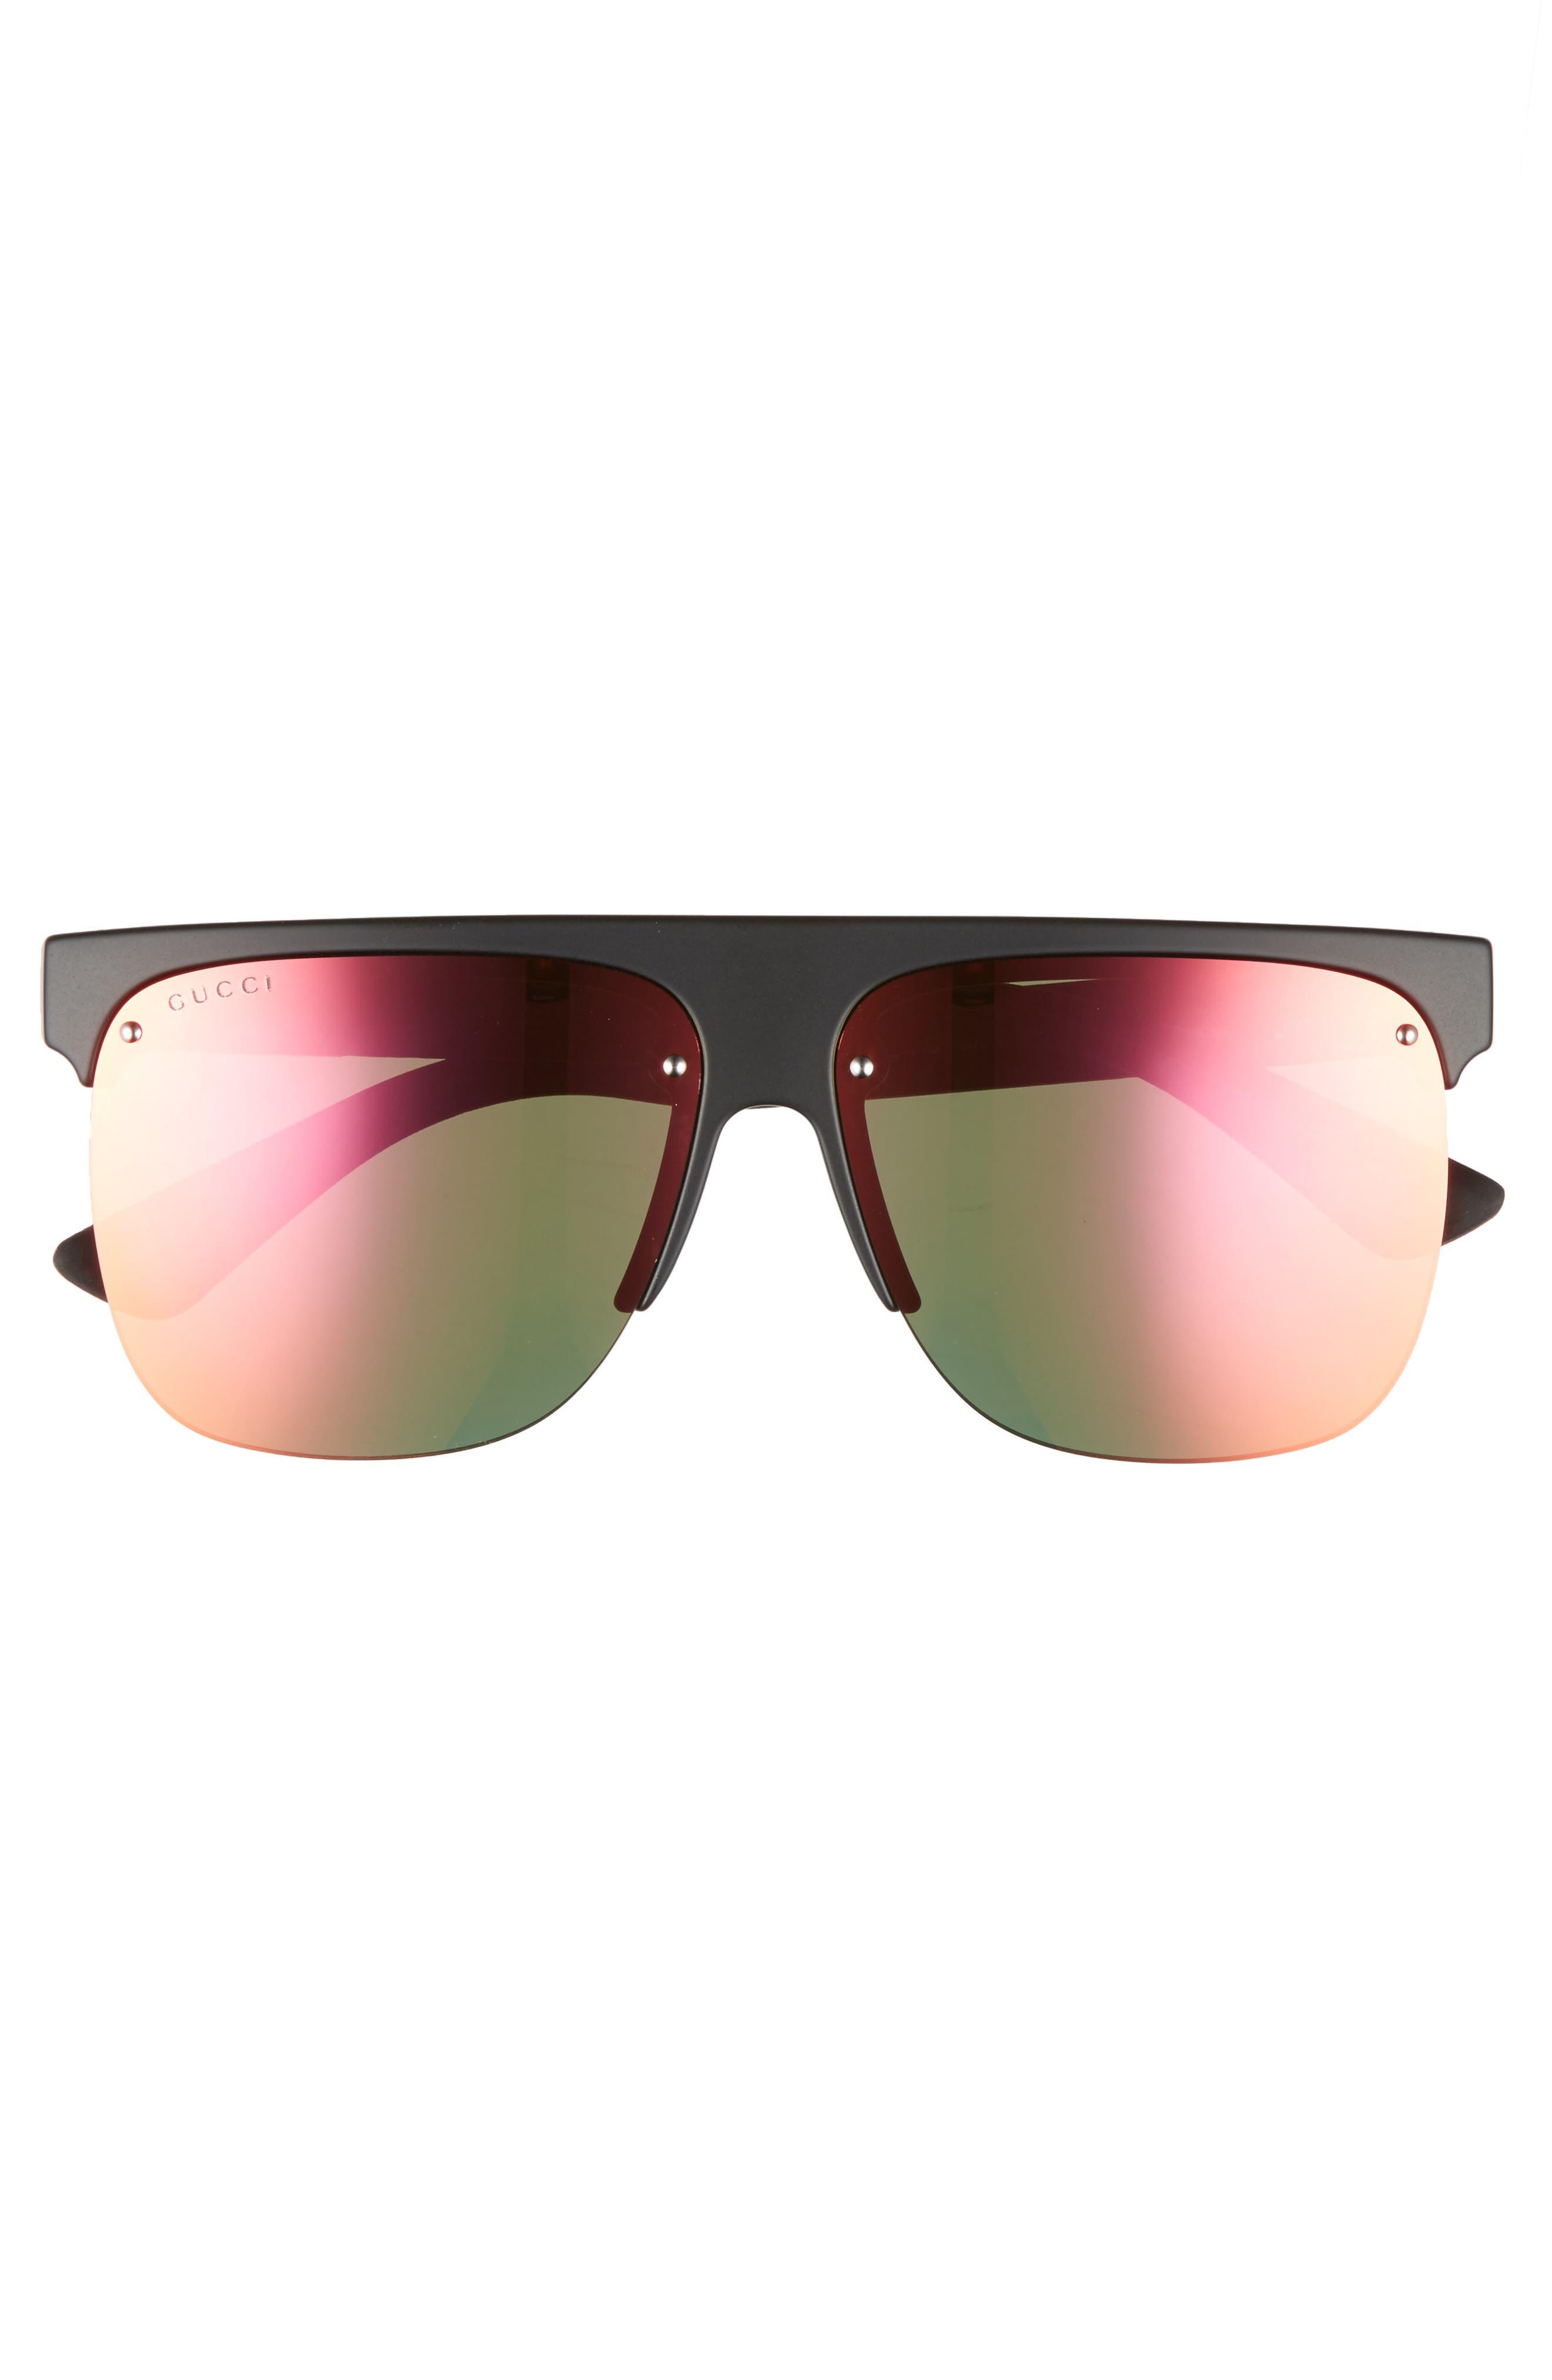 60mm Semi Rimless Polarized Sunglasses,                             Alternate thumbnail 3, color,